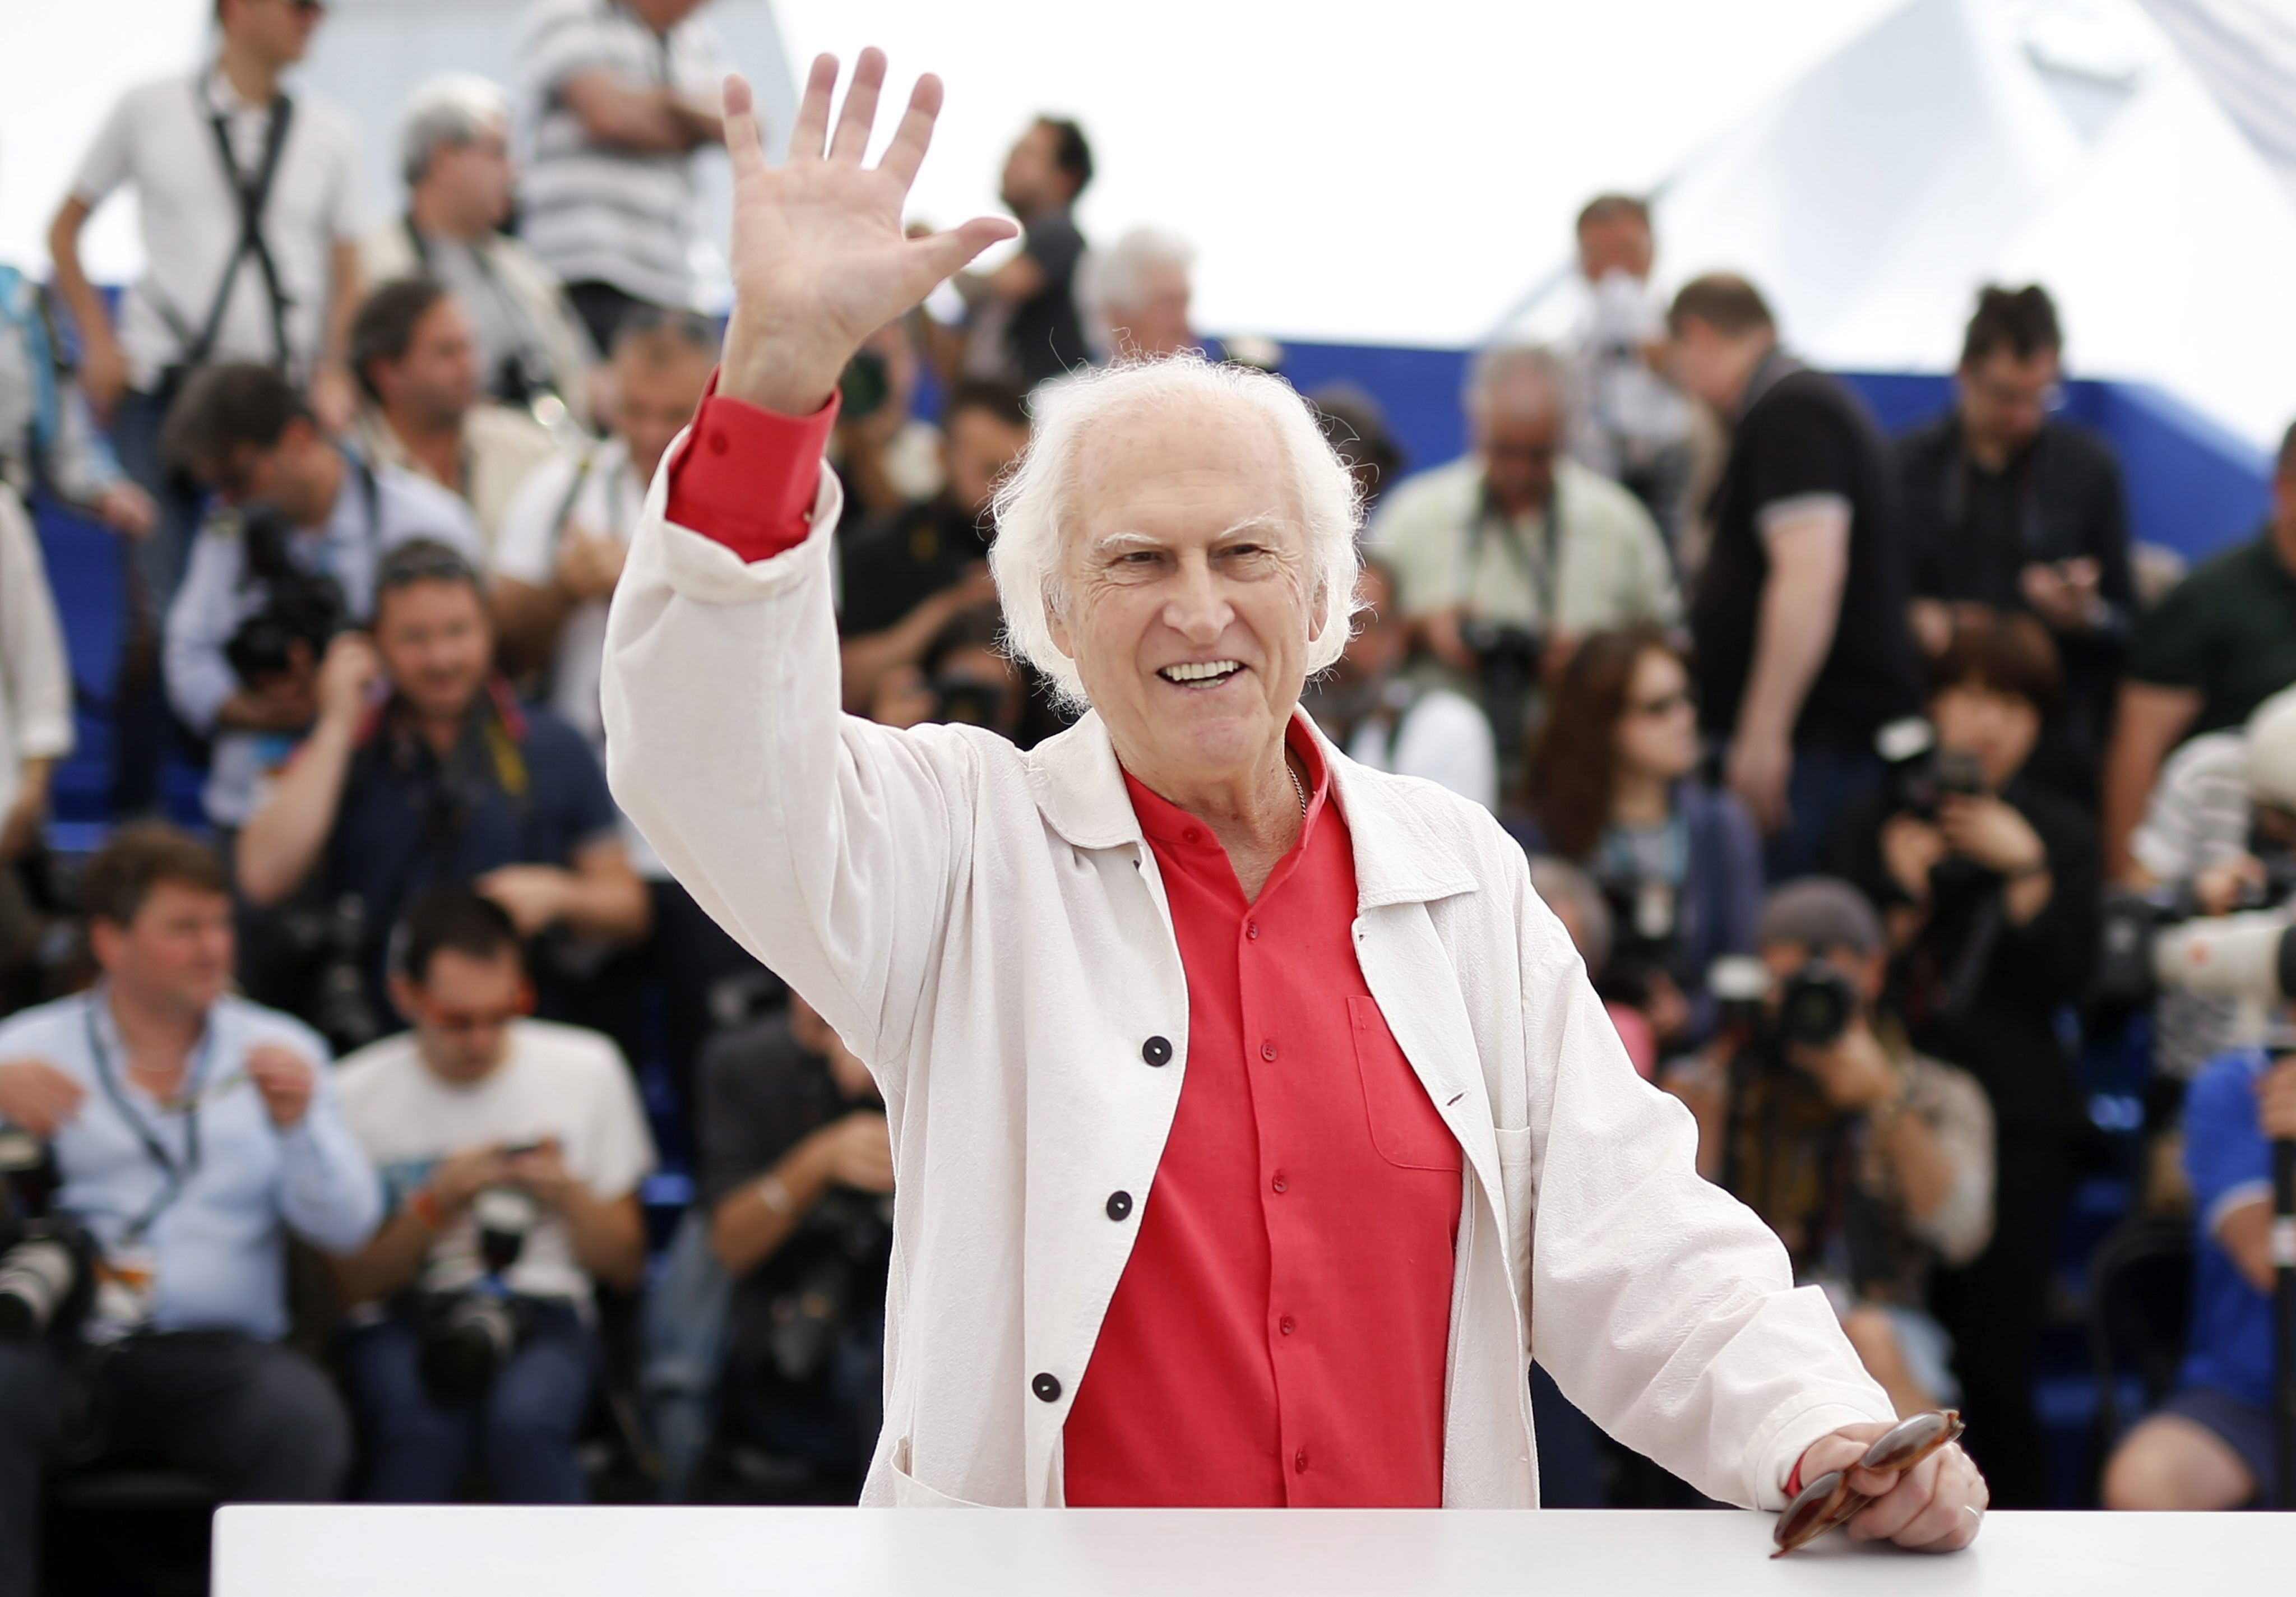 El director de cine y ex Senador Fernando E. Solanas, durante la 68ª edición del Festival de Cine de Cannes (Francia). EFE/Guillaume Horcajuelo/Archivo